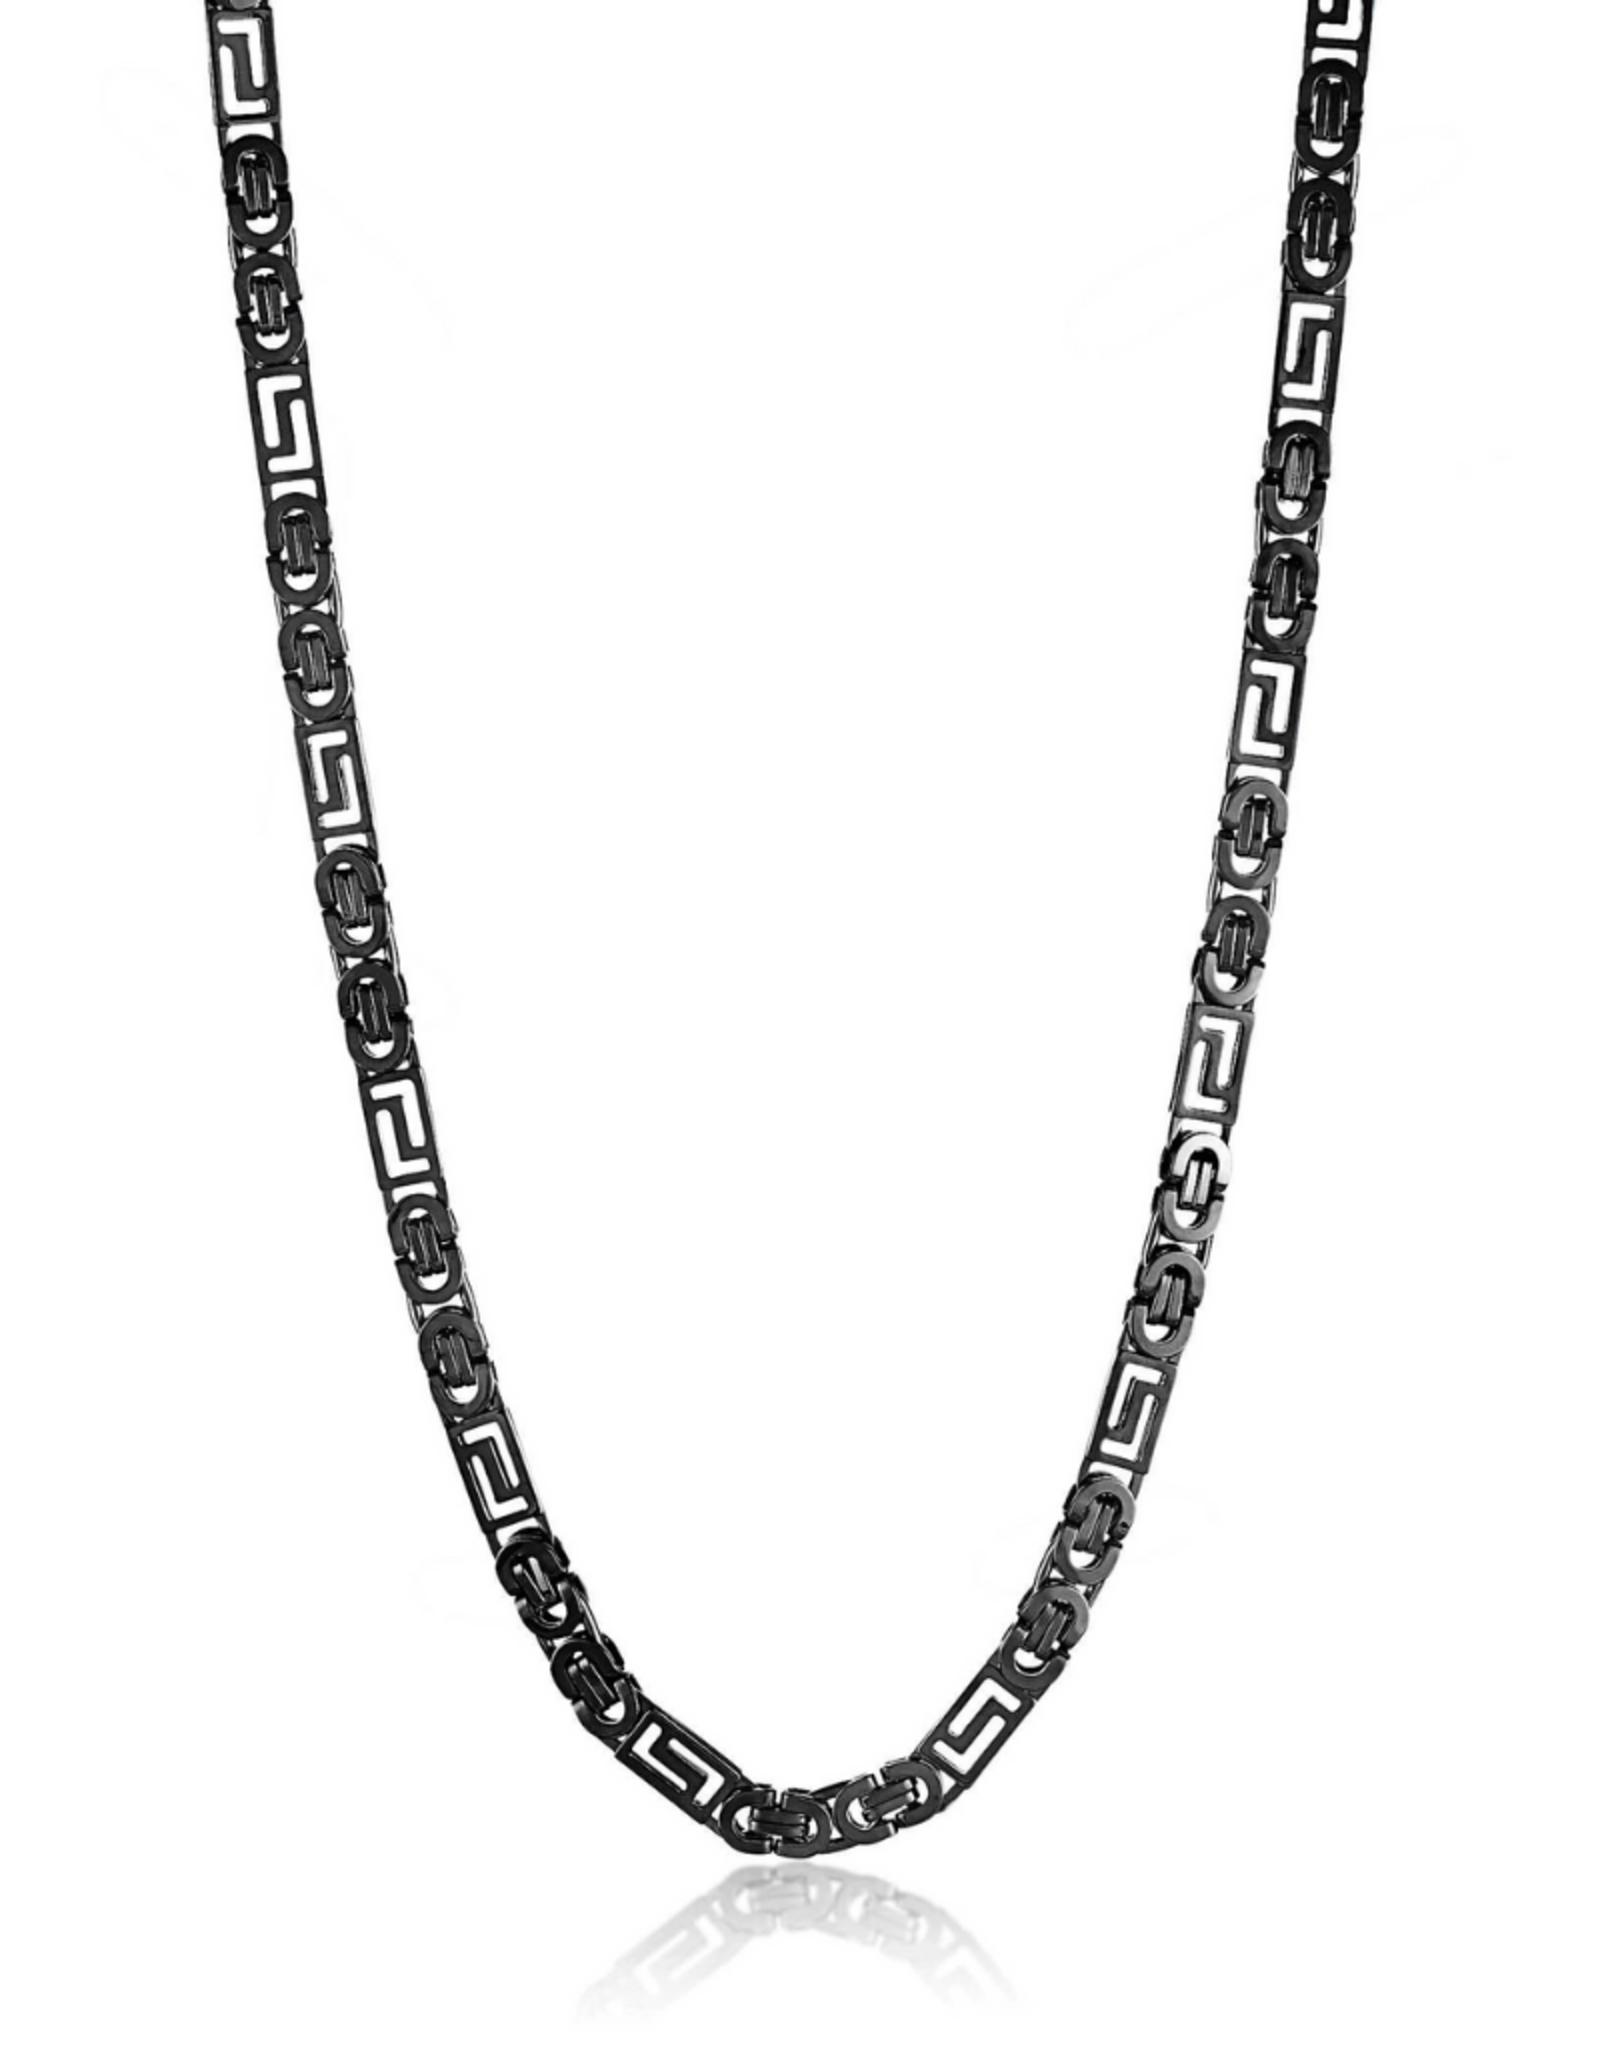 NECKLACE-CRUCIBLE POLISHED GREEK KEY FLAT BYZANTINE BLACK